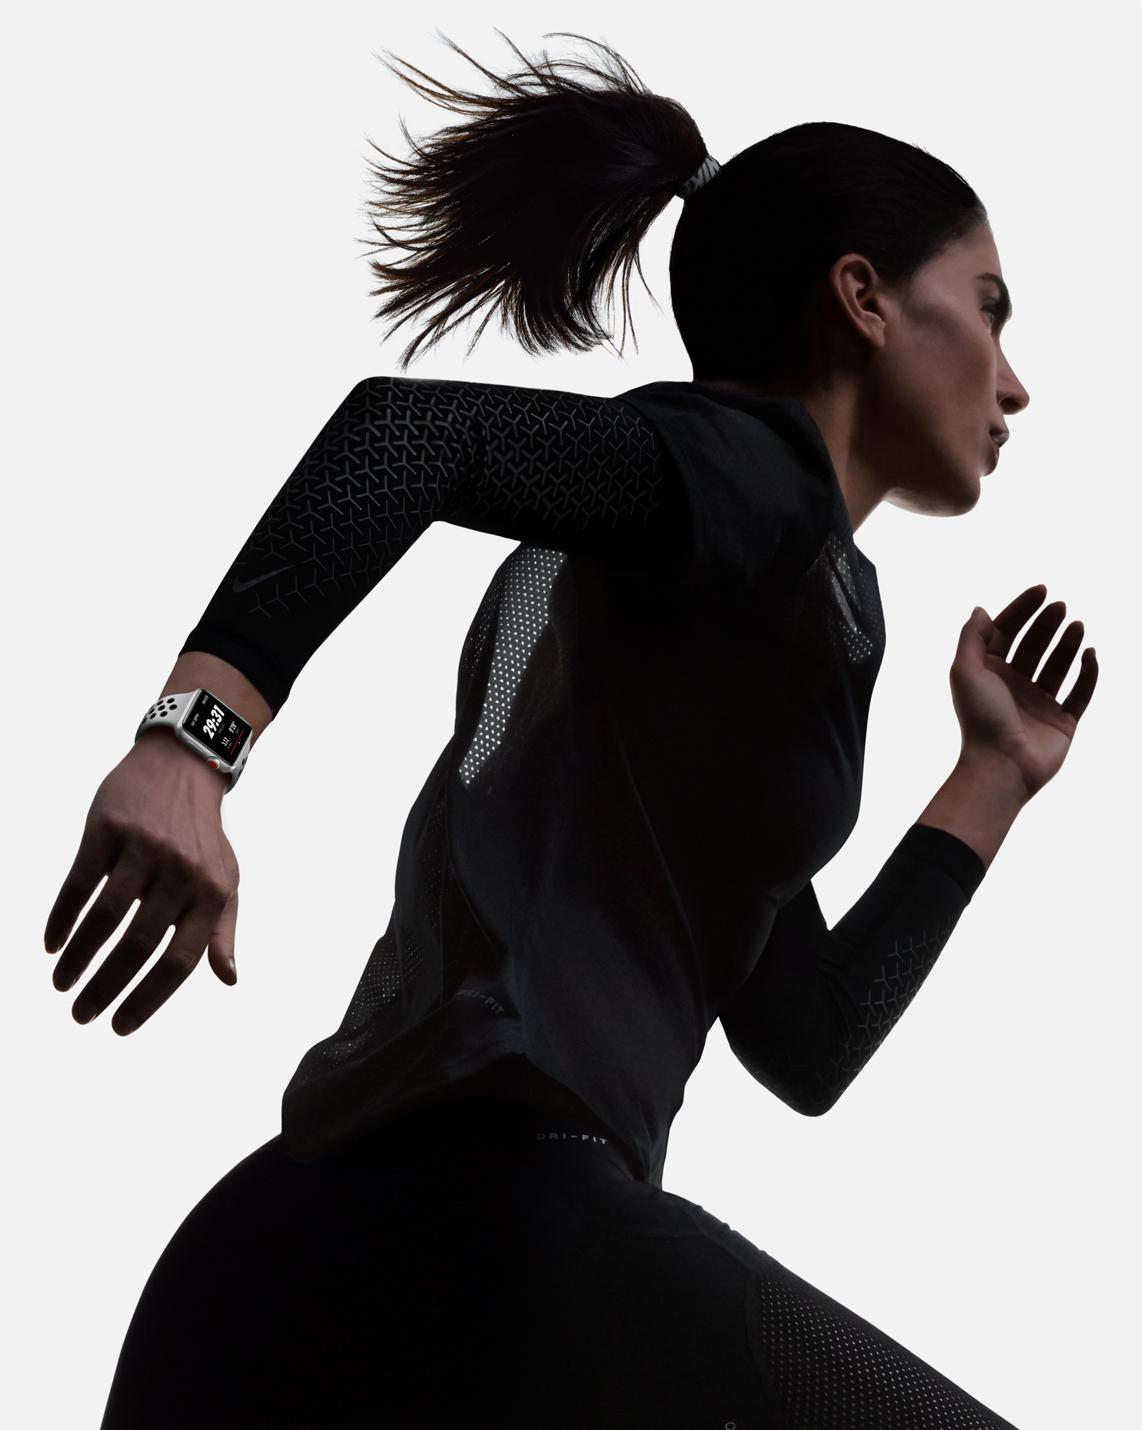 Der Lauf gegen den inneren Schweinehund - mit der Apple Watch Series 3 wird er zum Vergnügen